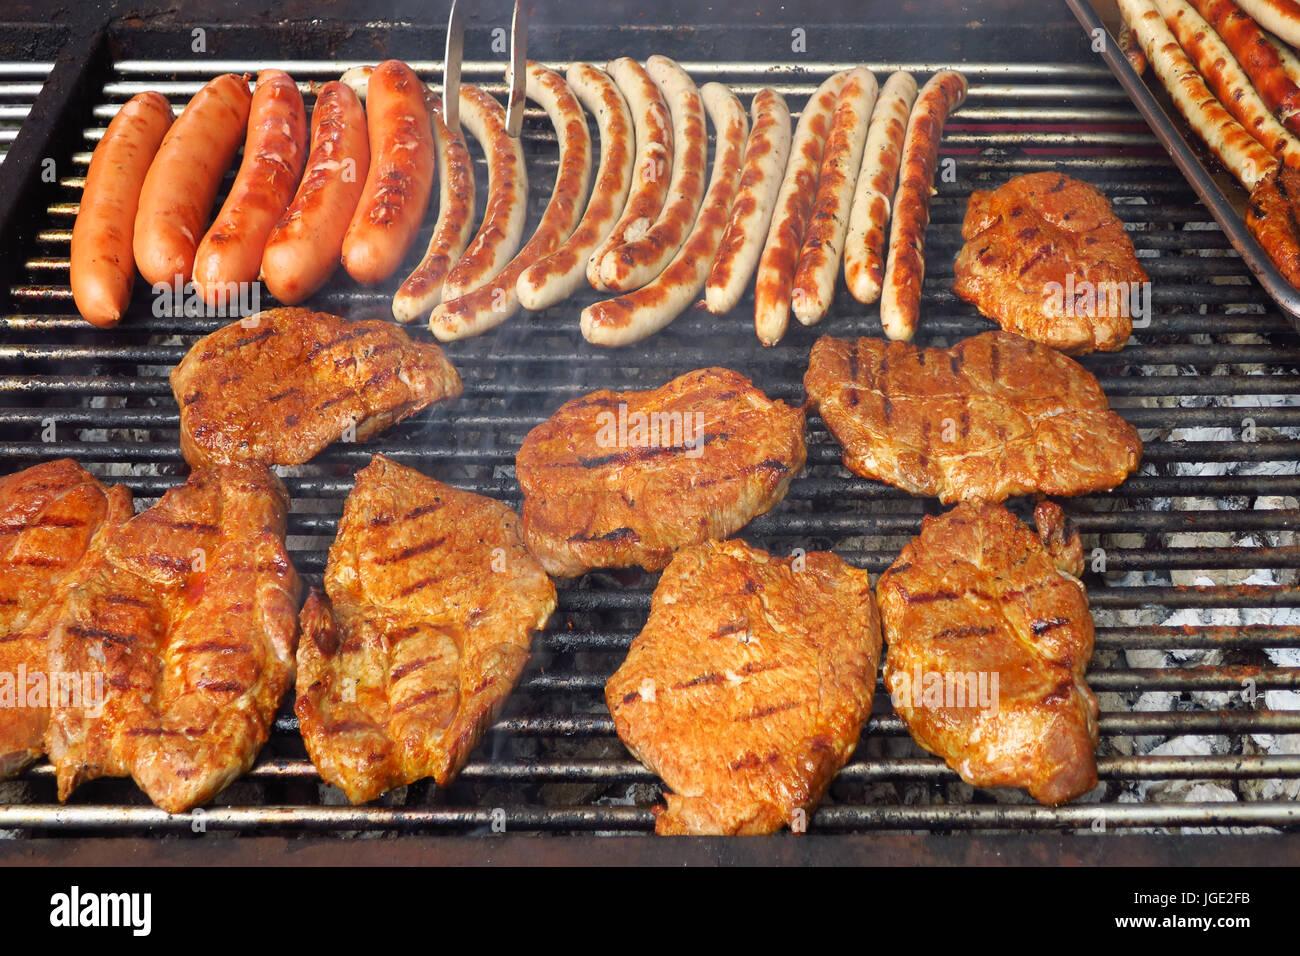 Grill grill grill fleisch wurst lebensmittel - Gartenparty essen ...